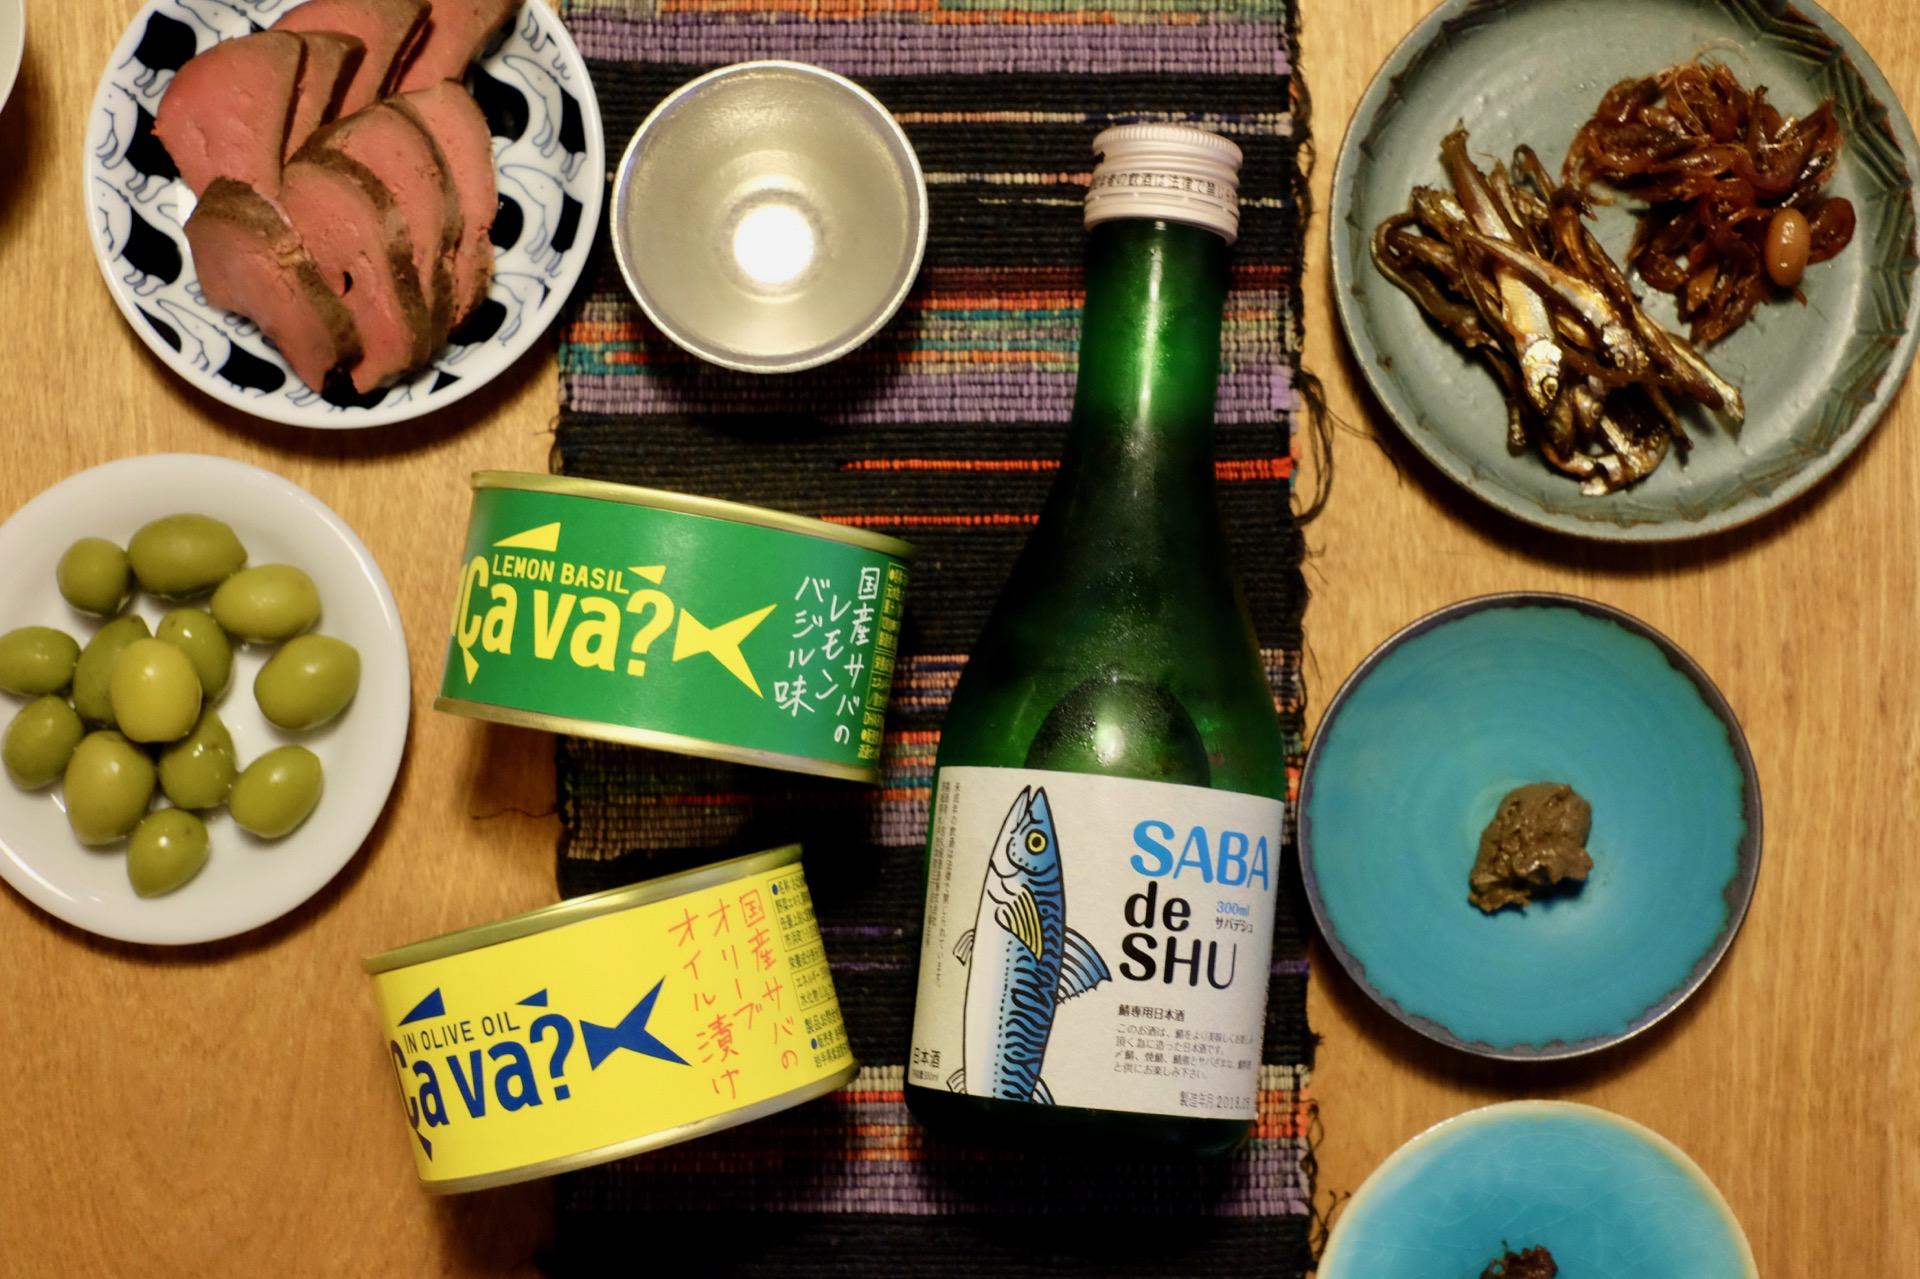 サバデシュ SABA de SHU|日本酒テイスティングノート